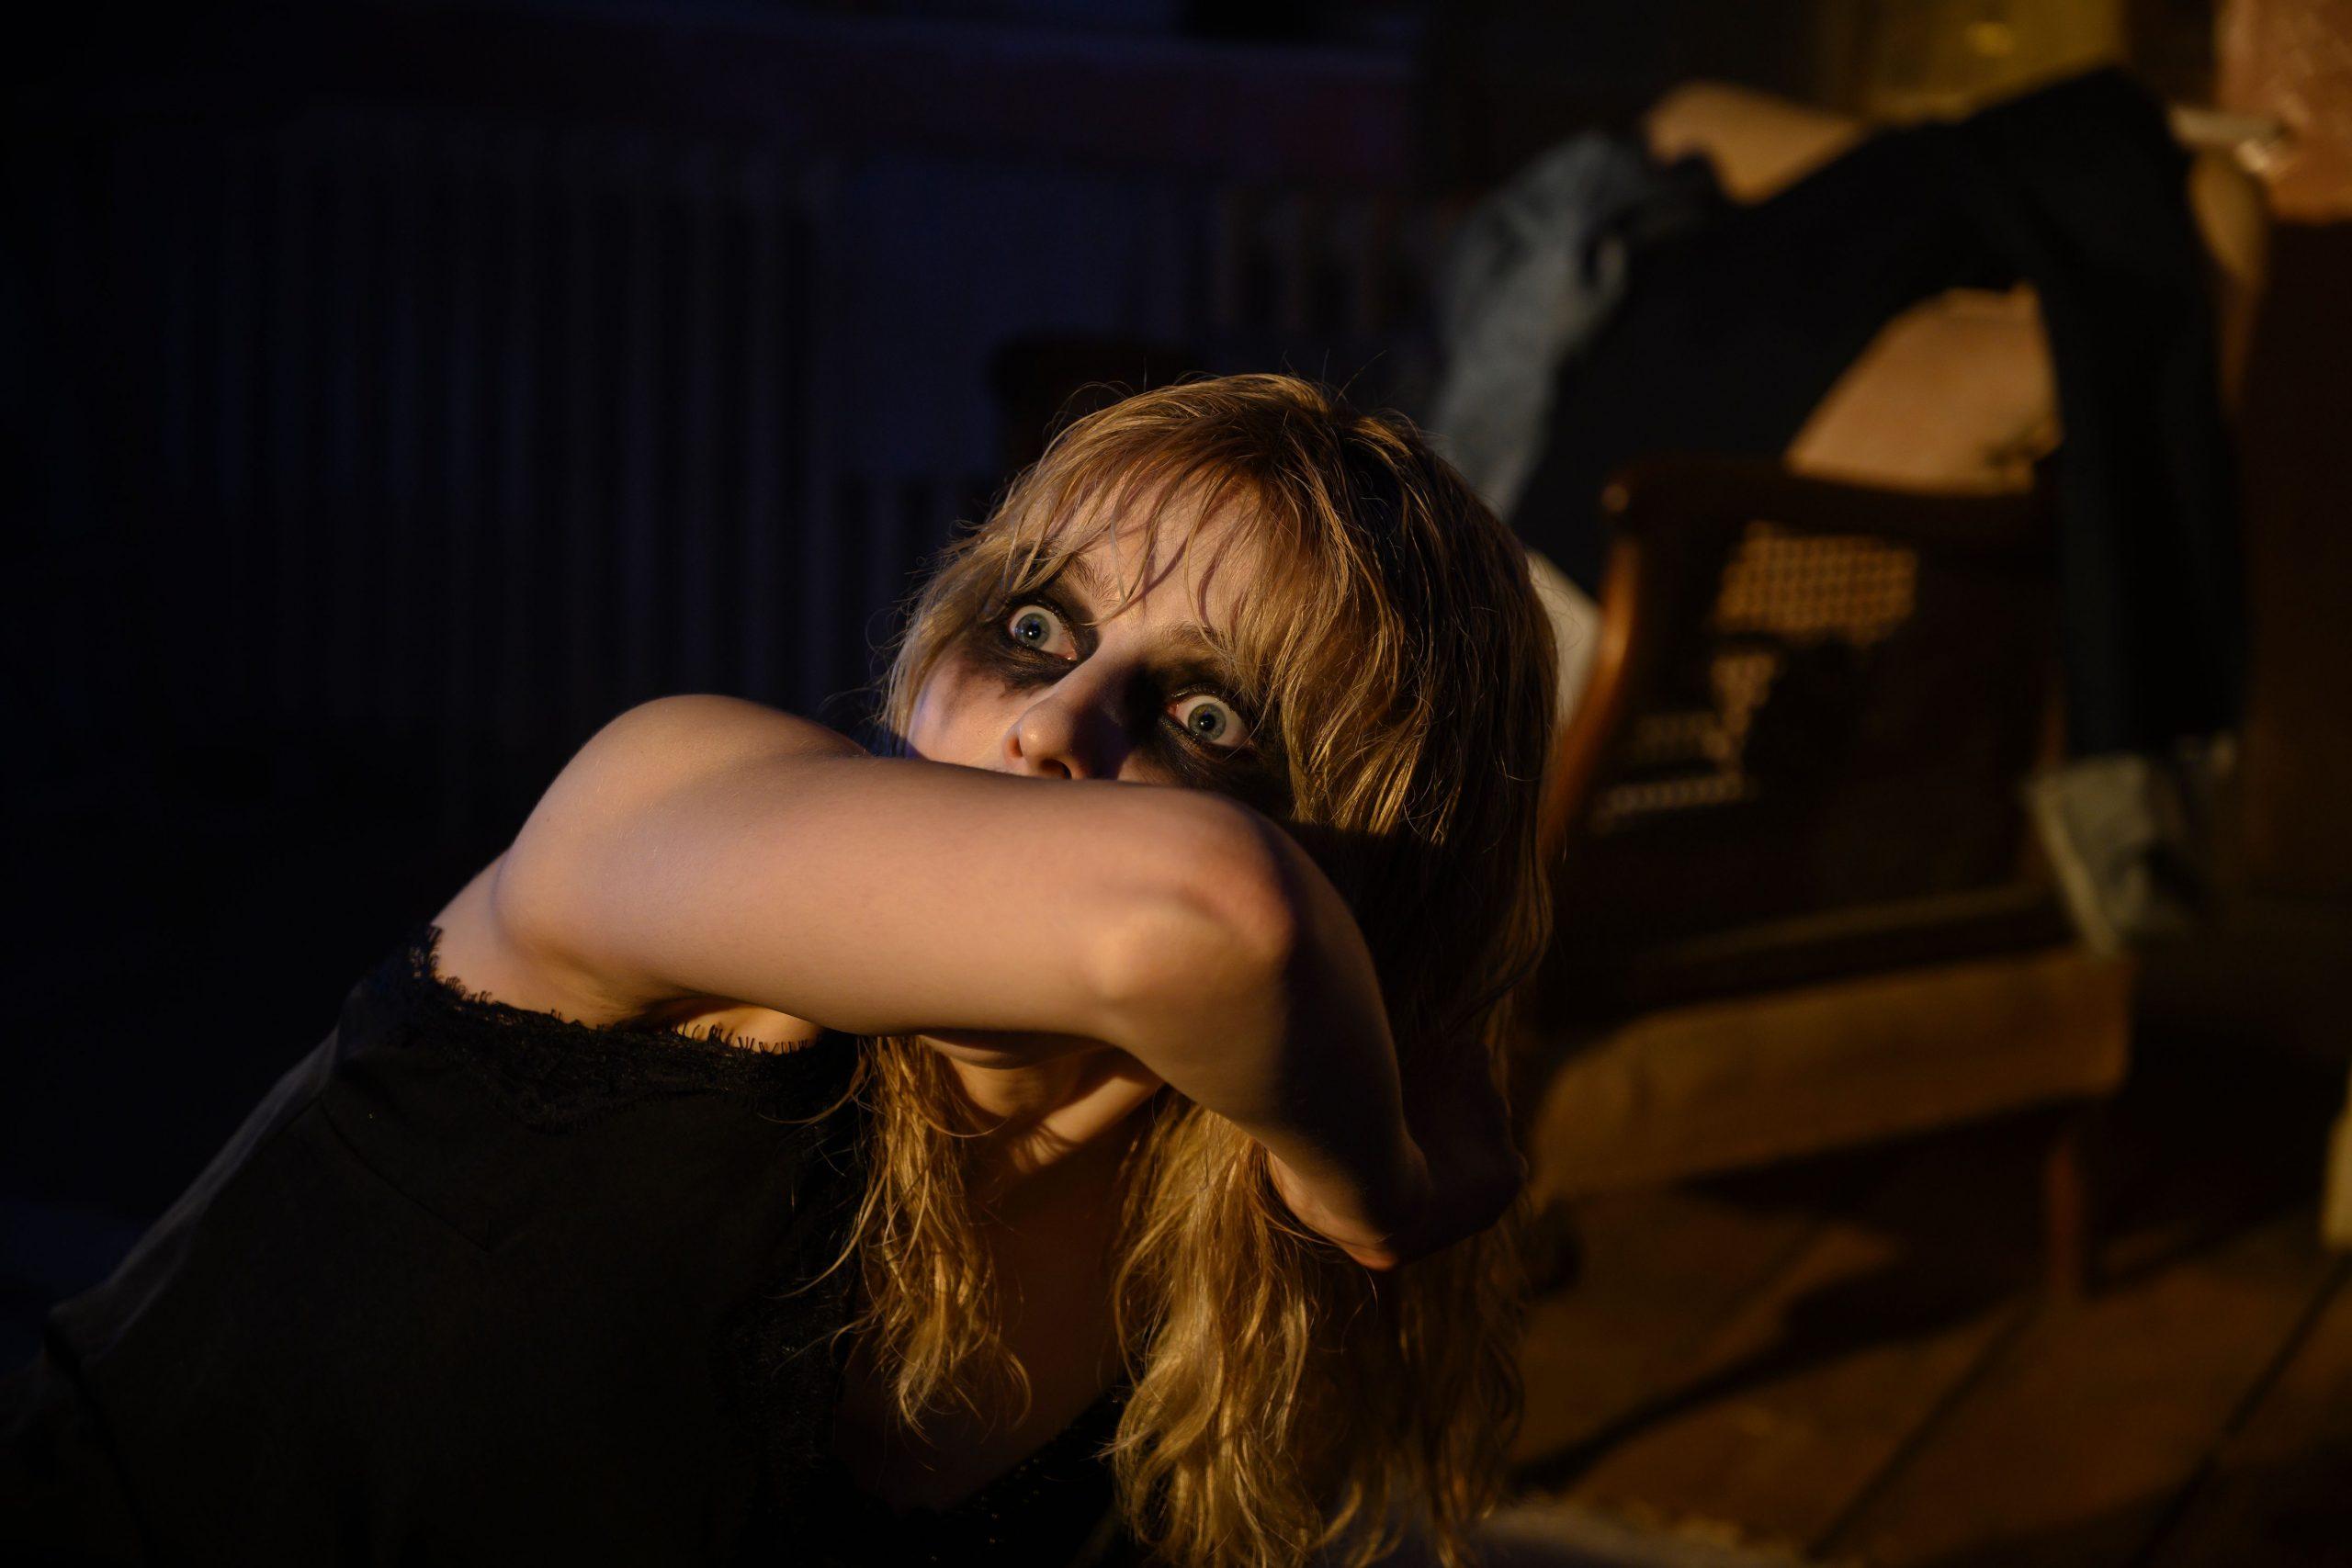 Первый трейлер «Прошлой ночью в Сохо» с Аней Тейлор-Джой 7